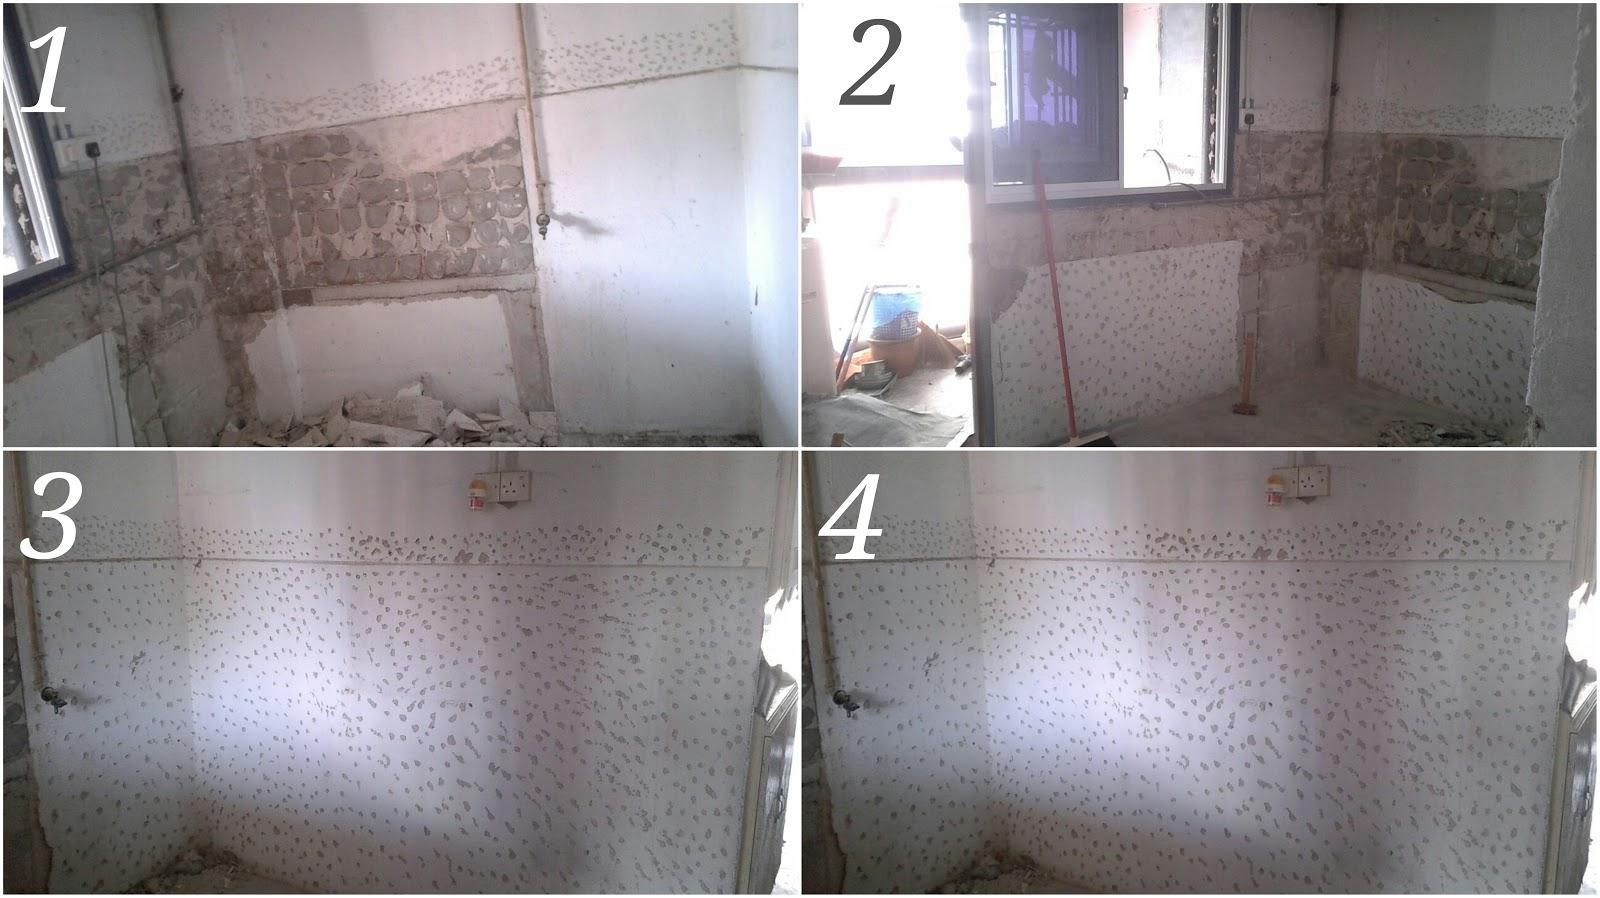 Buat Tabletop Meja Dapur Ukuran 14 Kaki L Shape Di Perumahan Awam Sri Perak Bandar Baru Sentul Kuala Lumpur Siri 1